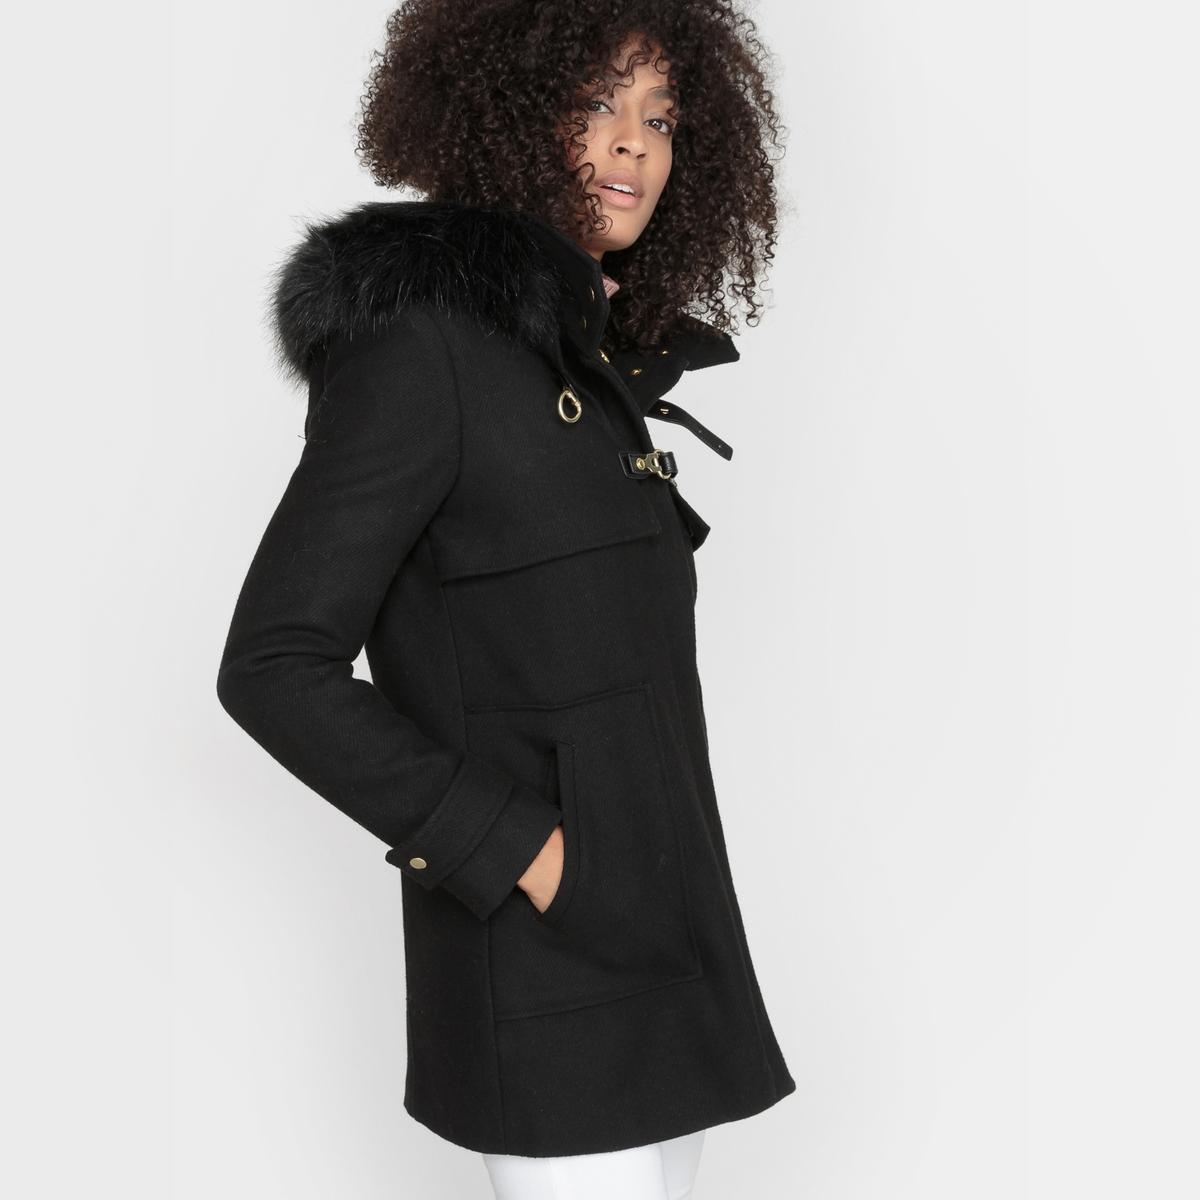 Даффлкот короткий, 50% шерстиСупатная застежка на молнию + 2 фигурные пуговицы с петлями. 2 накладных кармана спереди. Кокетка спереди и сзади. Подкладка из полиэстера. Длина 77 см.<br><br>Цвет: черный<br>Размер: 34 (FR) - 40 (RUS)